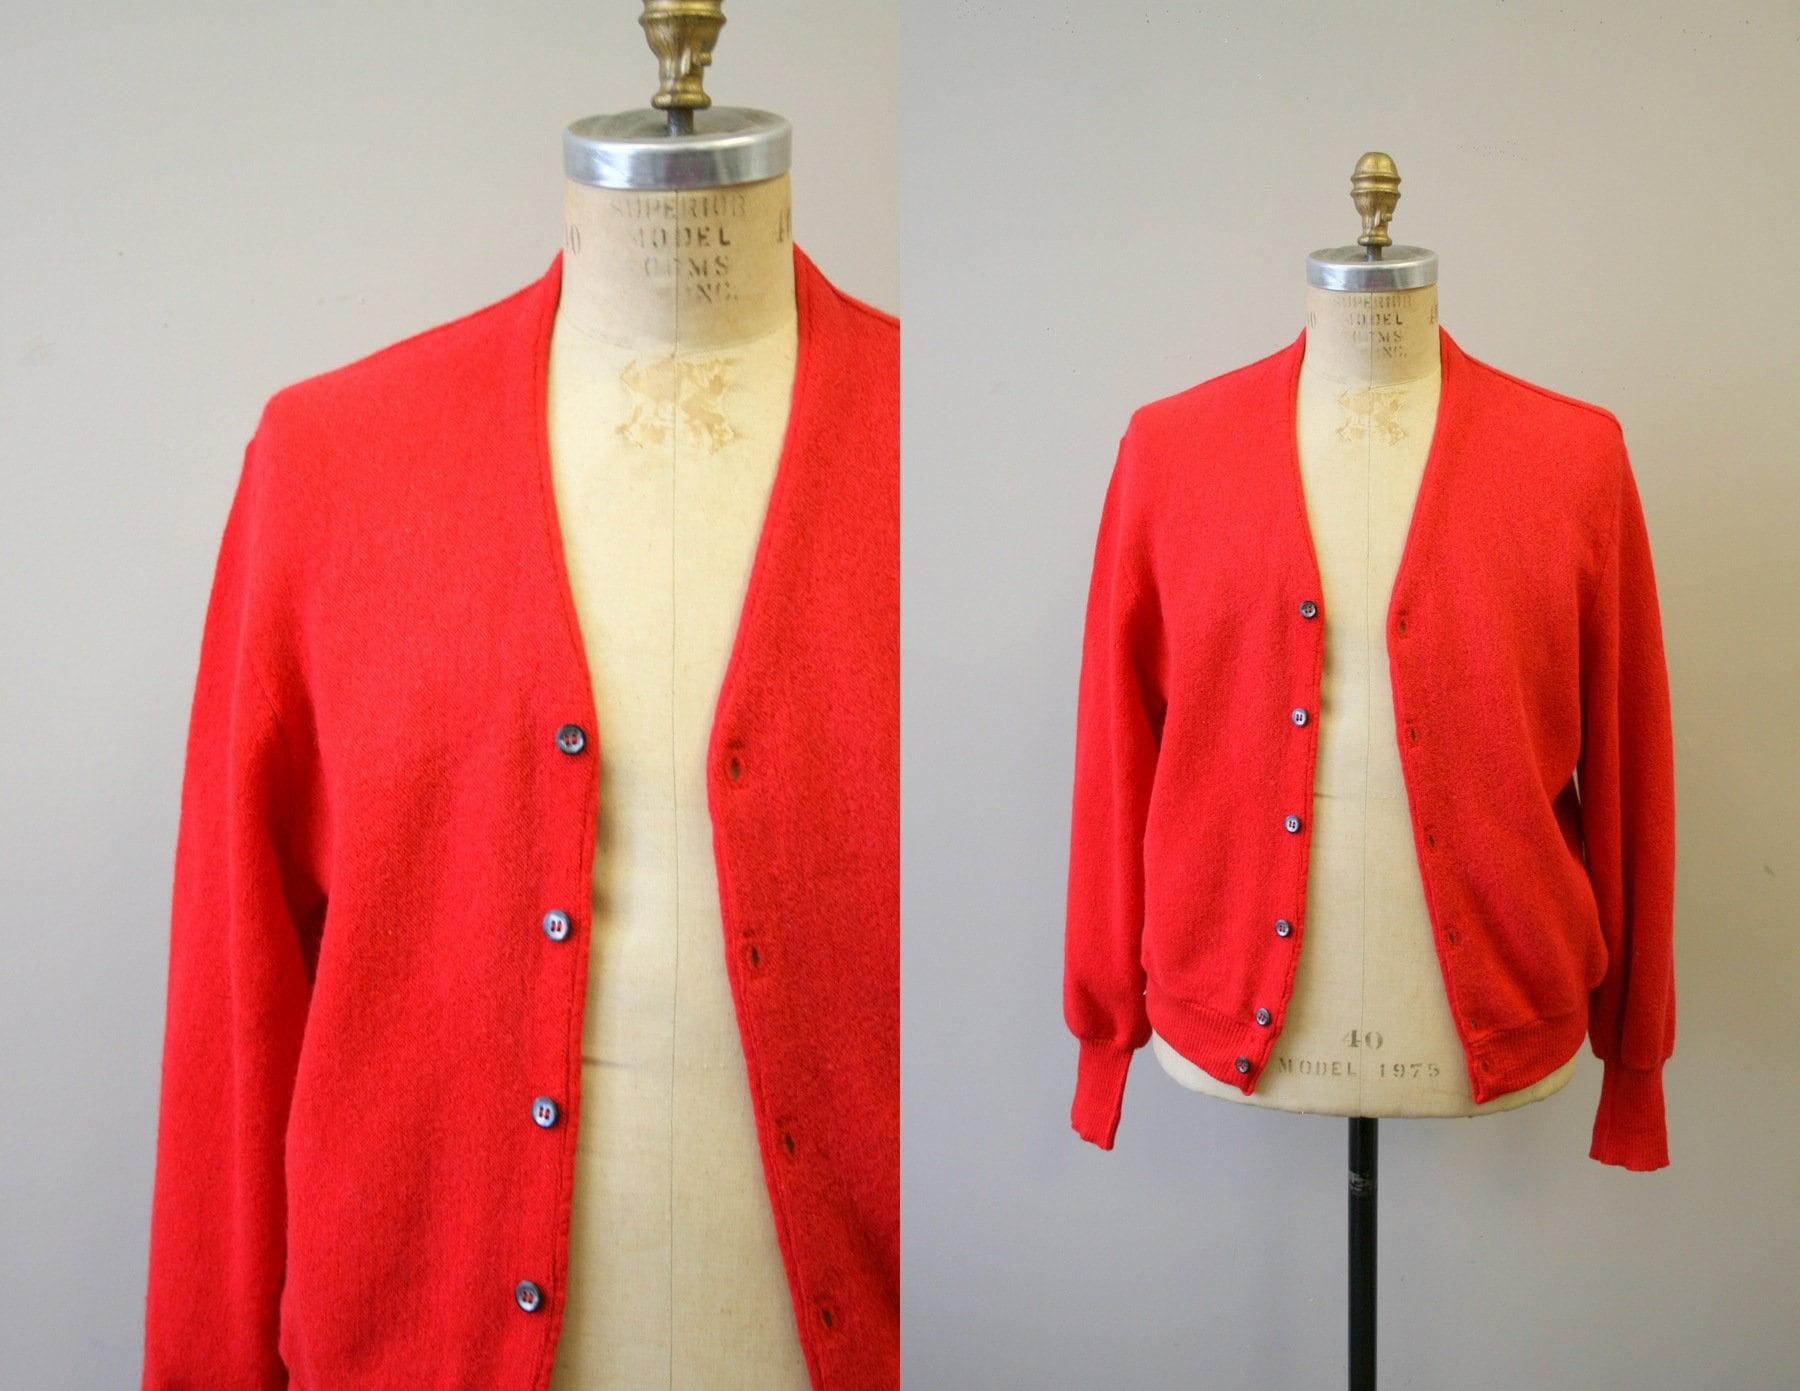 1960s – 70s Men's Ties | Skinny Ties, Slim Ties 1960S Coral Red Alpaca  Wool Mens Cardigan Sweater $7.85 AT vintagedancer.com